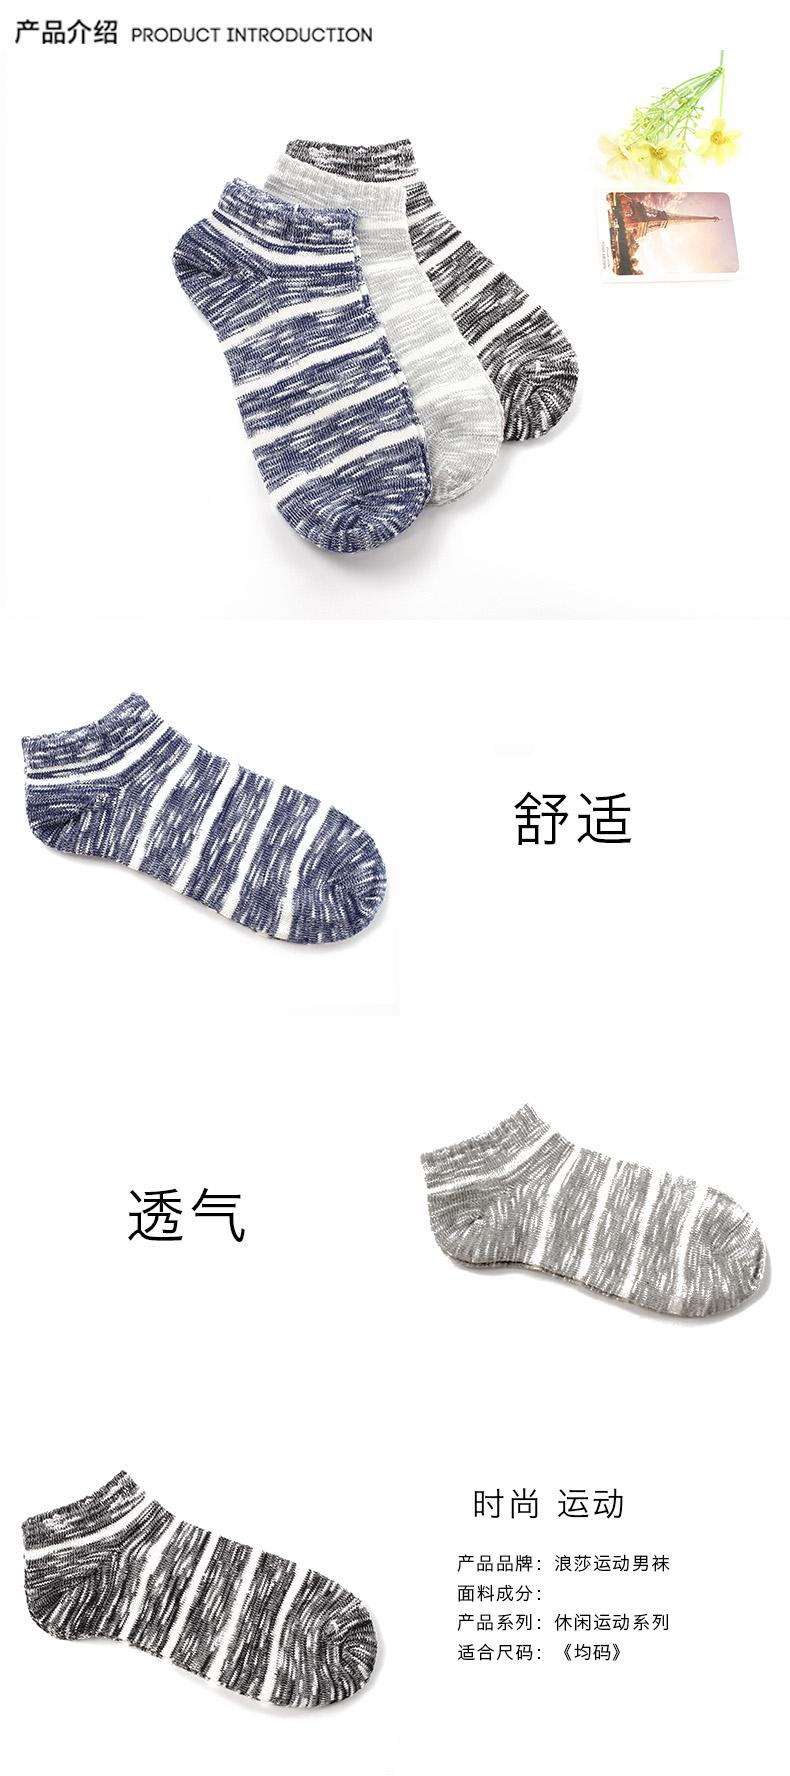 4双装浪莎男士夏季低帮浅口船袜条纹运动棉袜薄款透气短筒袜子日系潮流棉袜评价